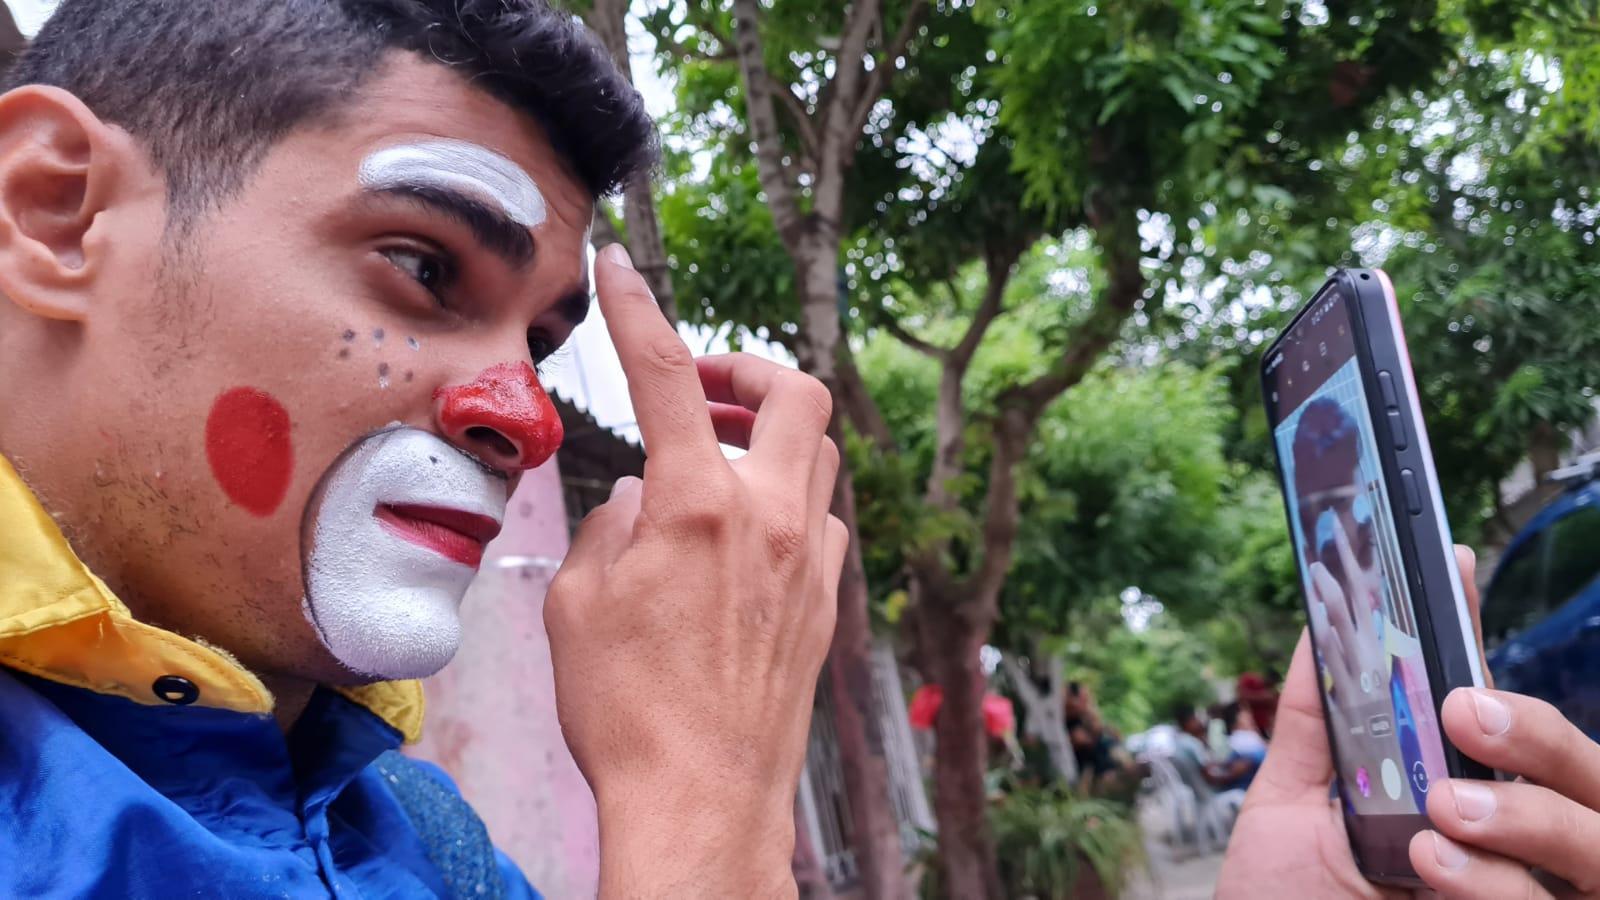 Ofertas fraudulentas y explotación enfrentan los venezolanos víctimas de trata